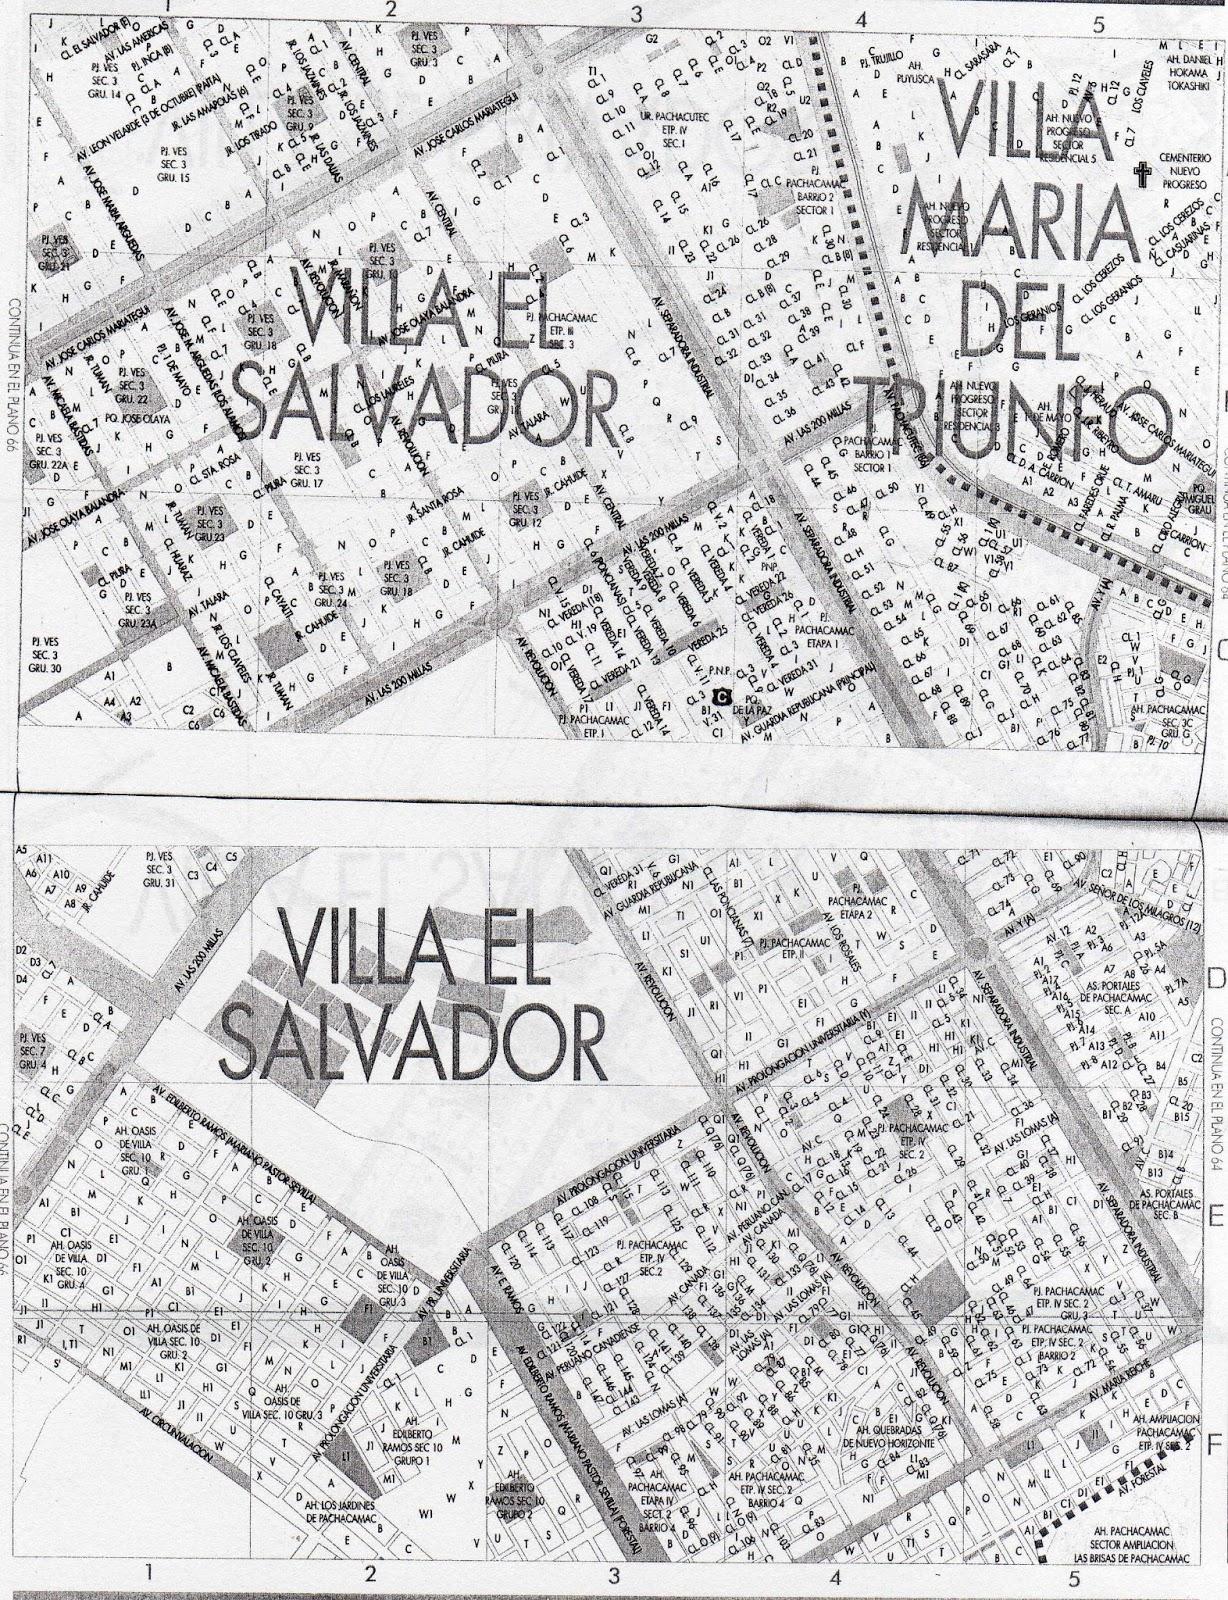 Para Mis Tareas Mapa Diagrama Villa El Salvador Villa